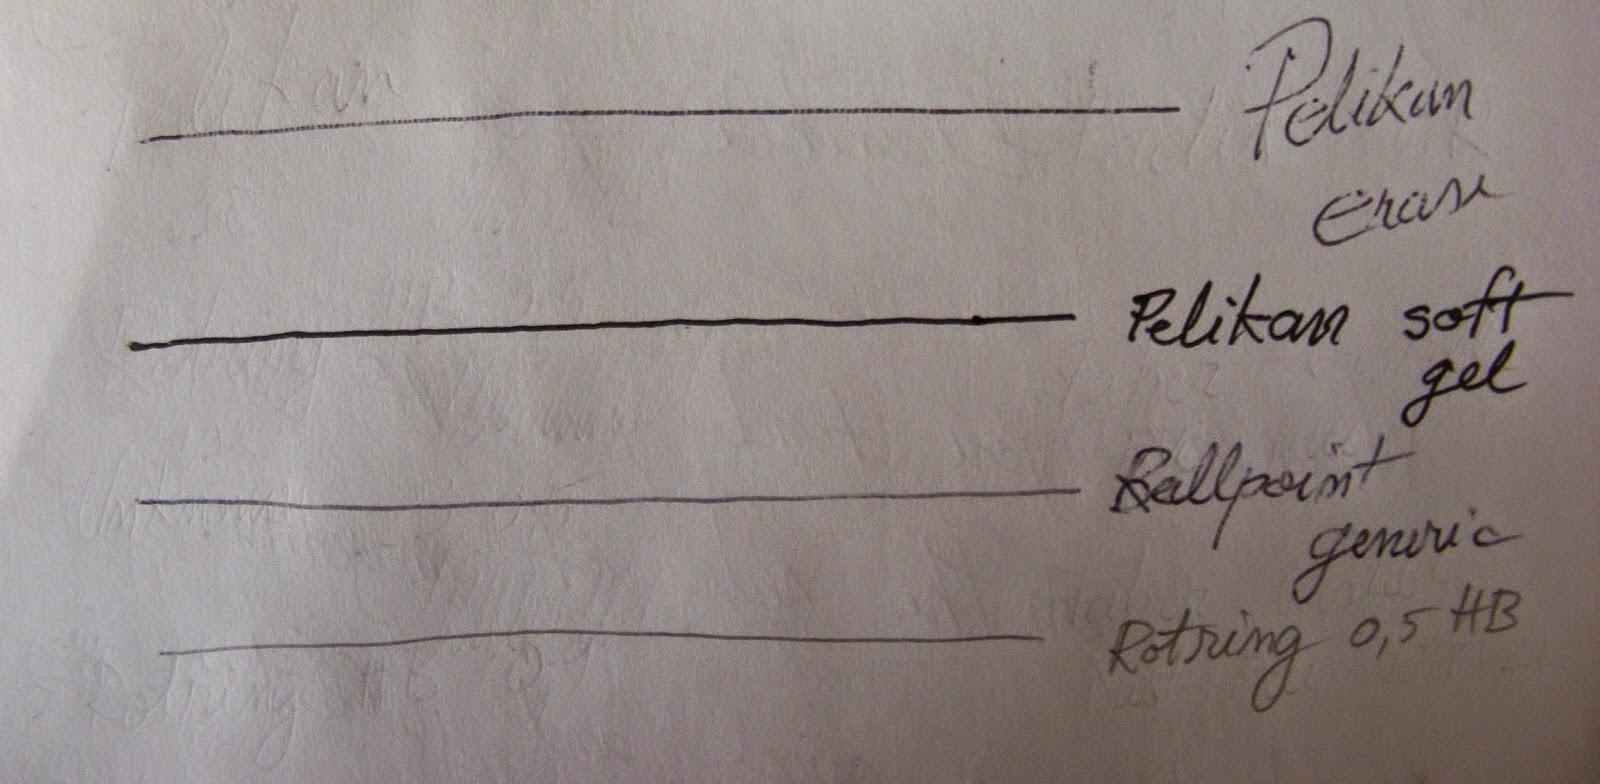 pelikan erasable pen